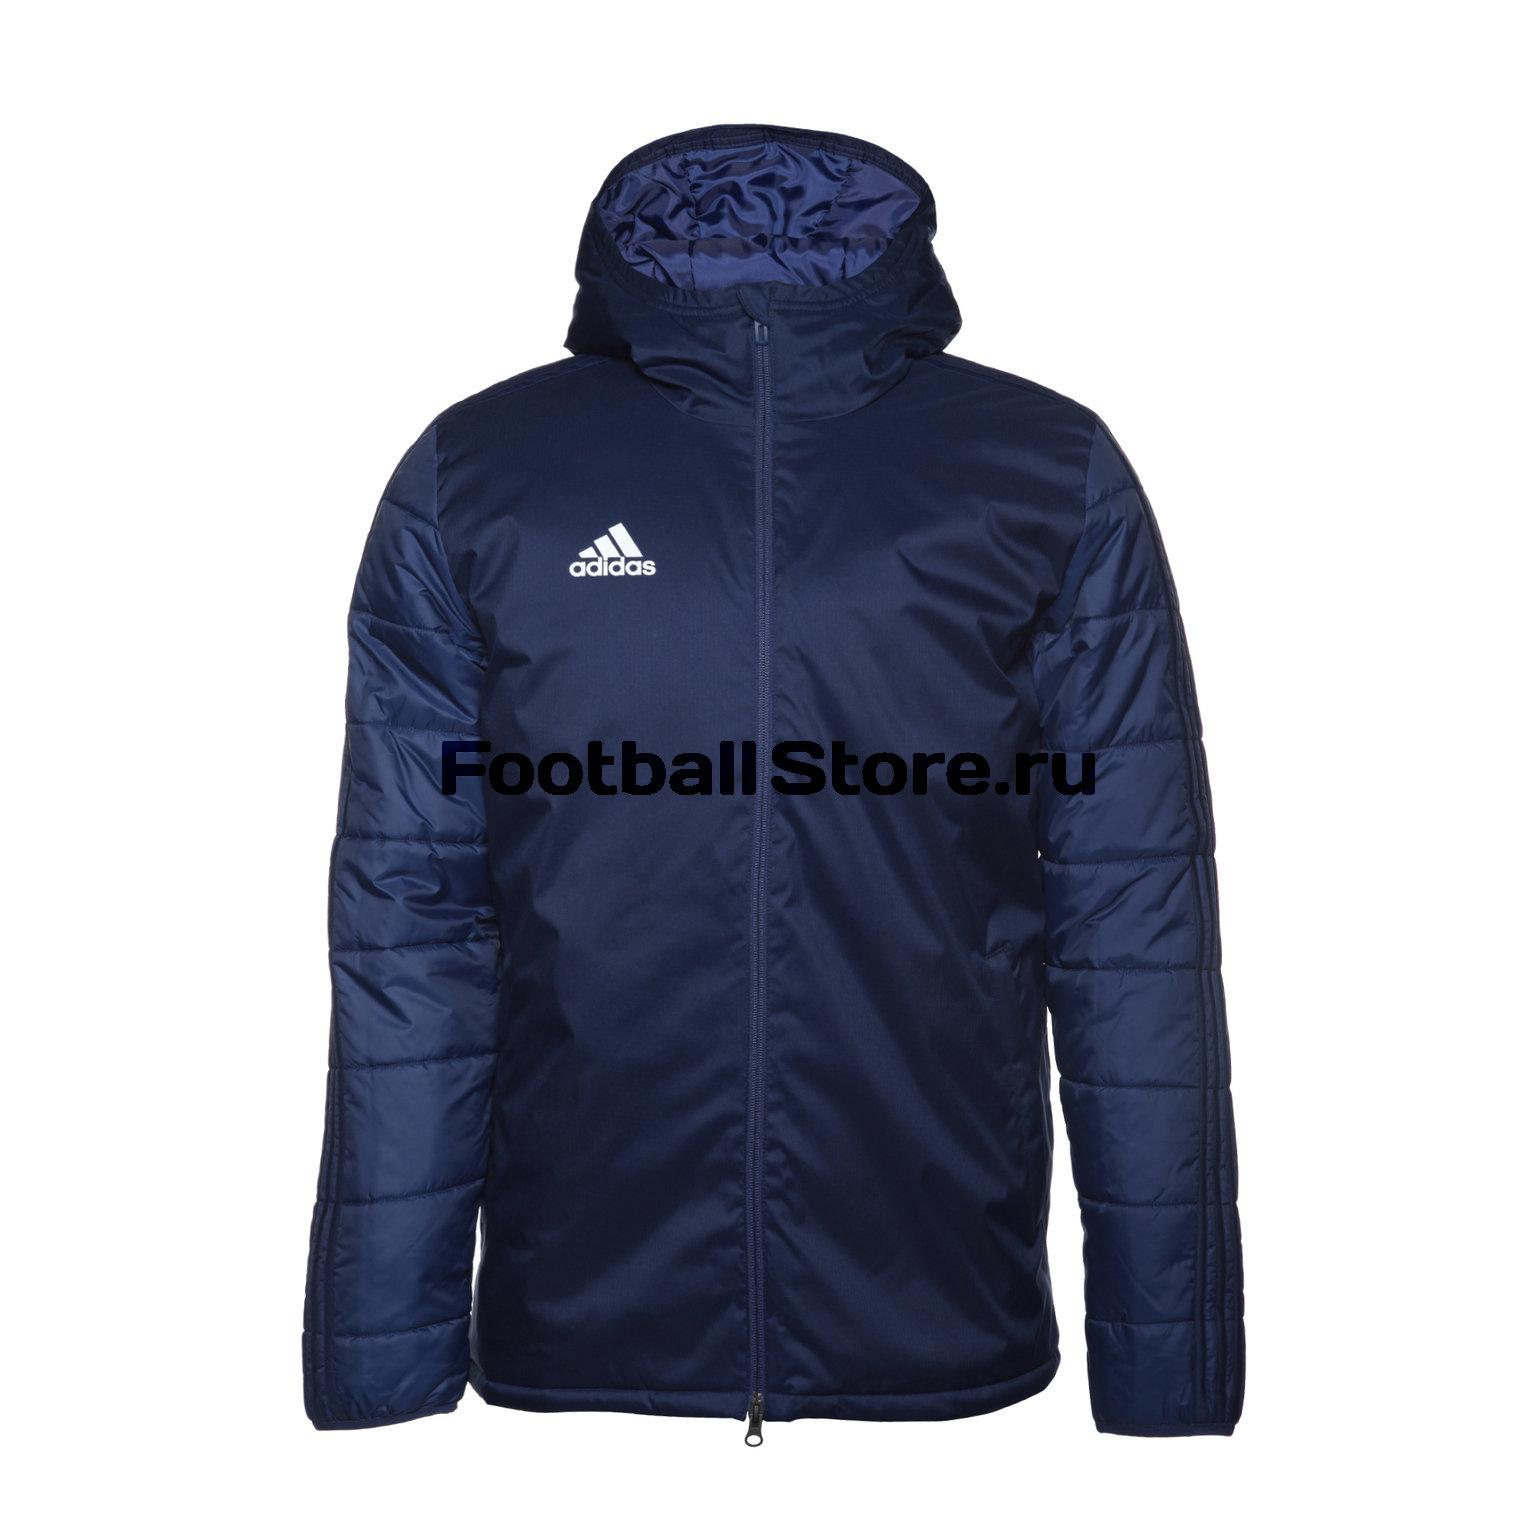 69ab7df43b3 10 лучших производителей зимних курток для мужчин - рейтинг 2018